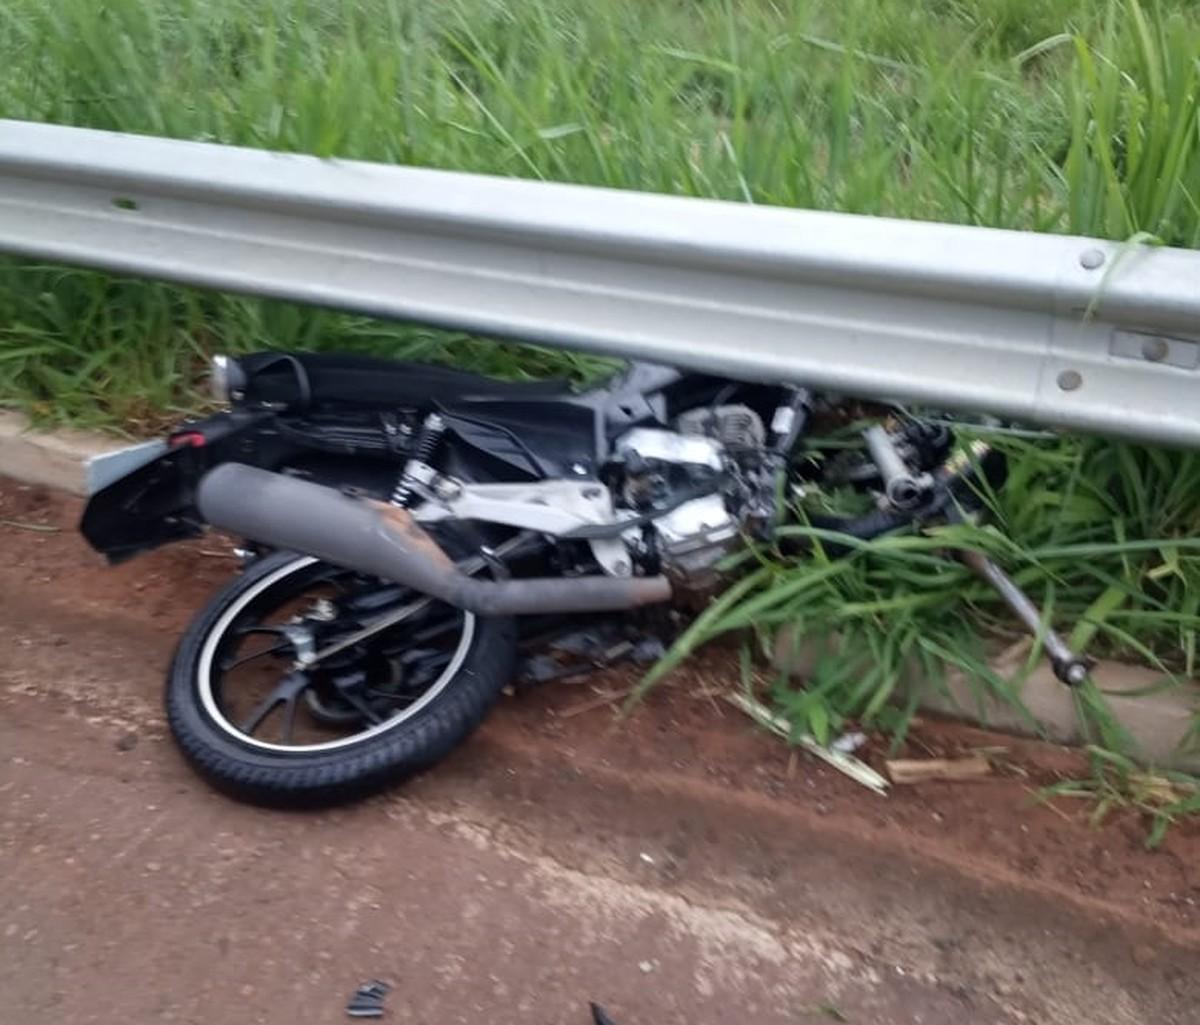 Motociclista morre em acidente na Rodovia Roberto Rollemberg em Buritama - G1